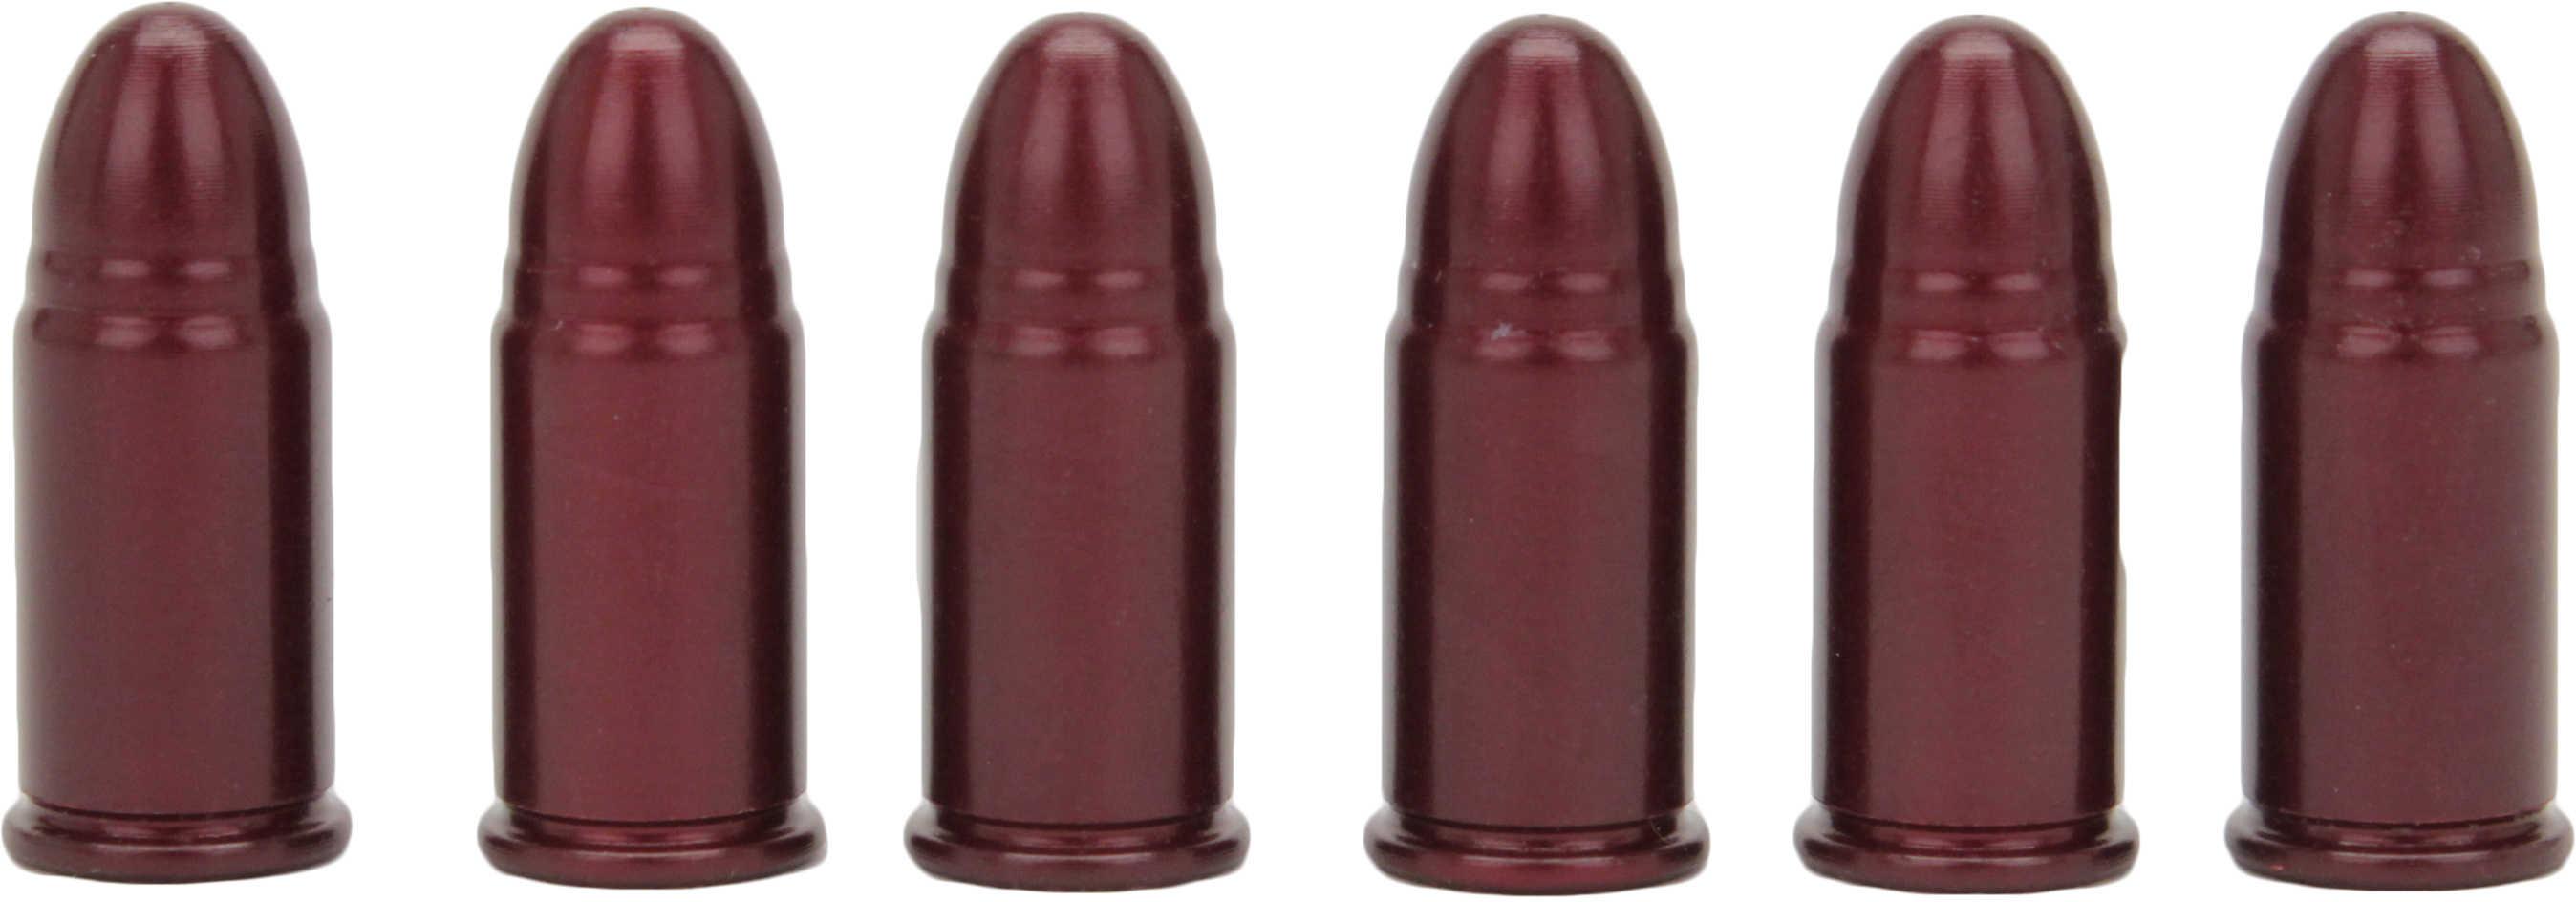 A-Zoom Revolver Metal Snap Caps 32 S&W Short, (Per 6) 16160